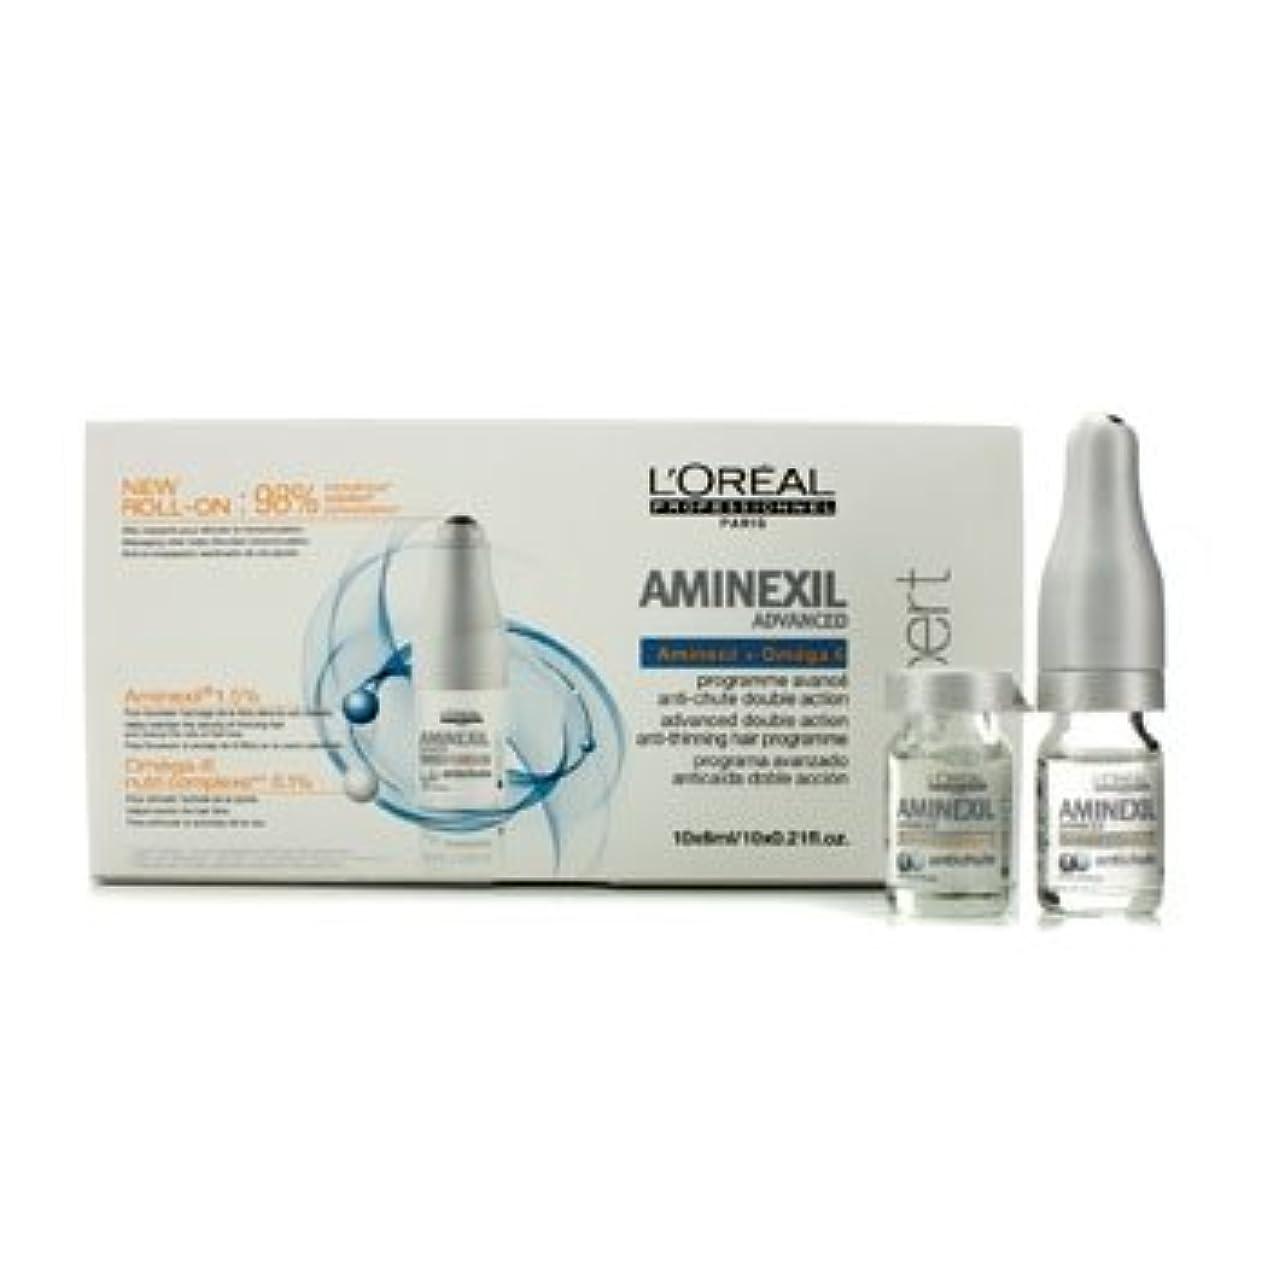 アナリスト好ましい工夫するロレアル Professionnel Expert Serie - Aminexil Advanced Anti-Thinning Hair Programme 10x6ml [並行輸入品][海外直送品]